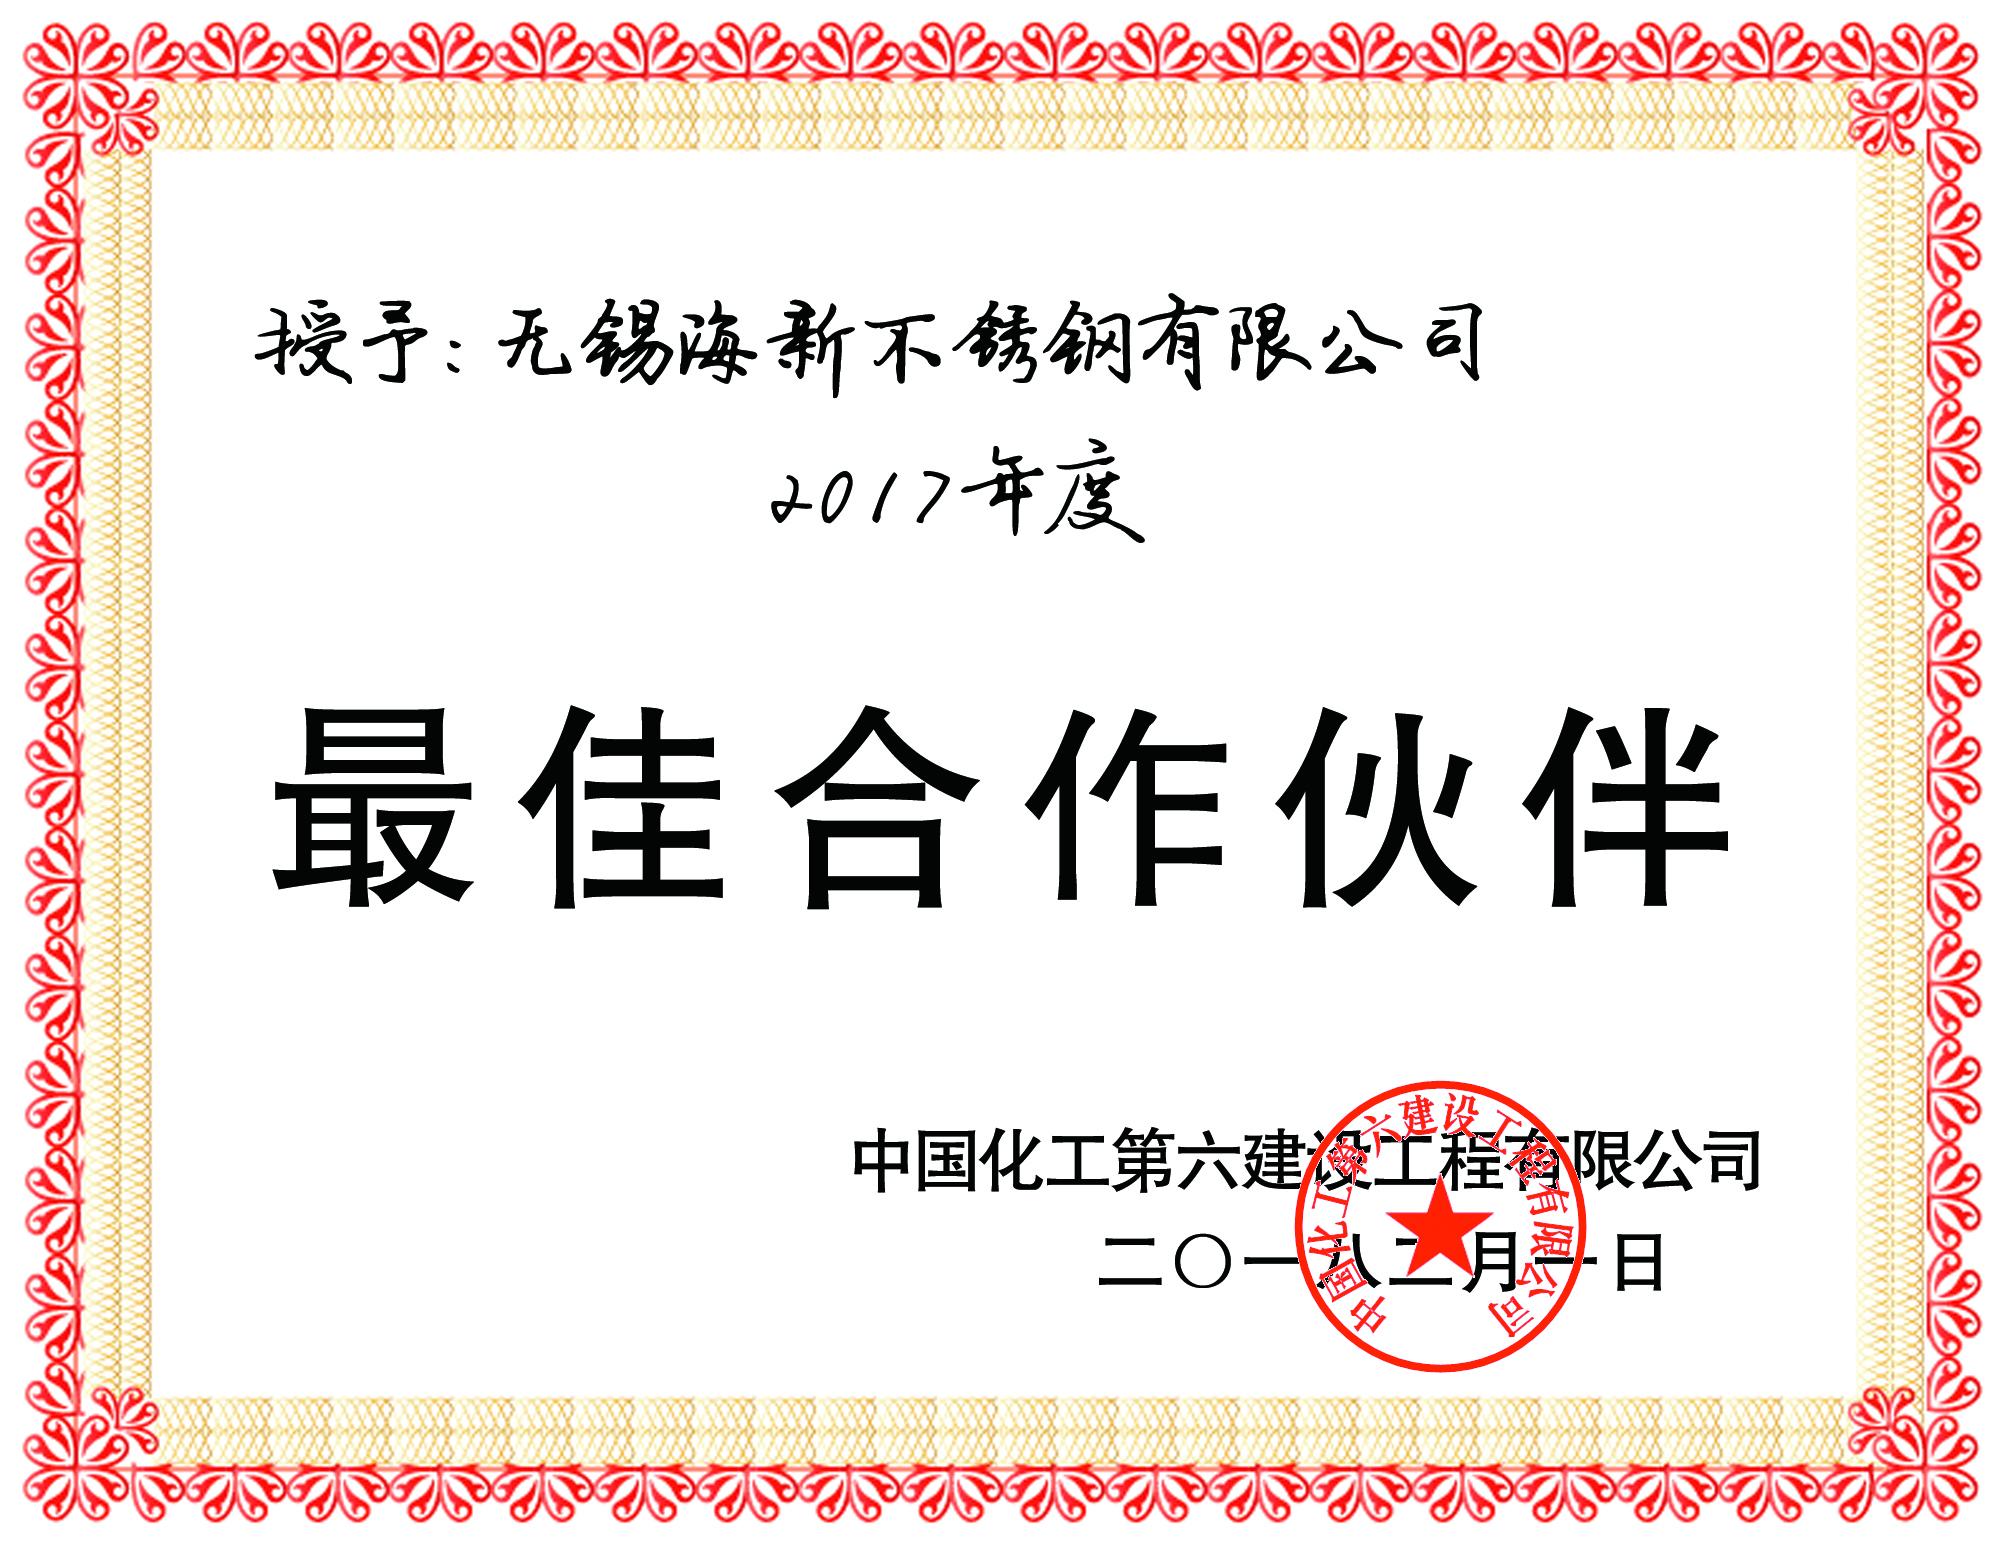 中国化工第六建设工程有限公司